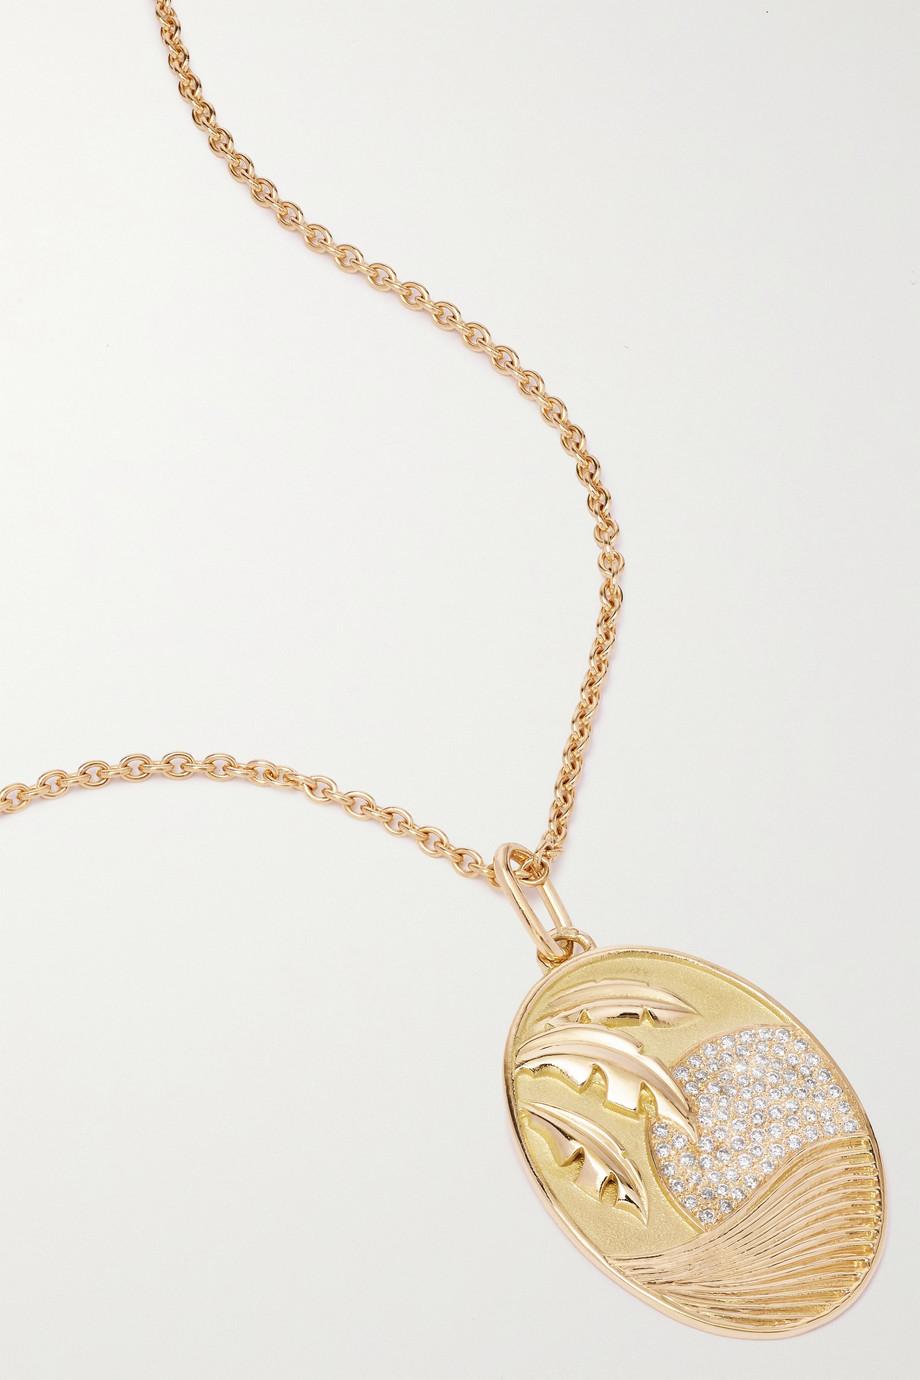 Yvonne Léon Kette aus 18 Karat Gold mit Diamanten